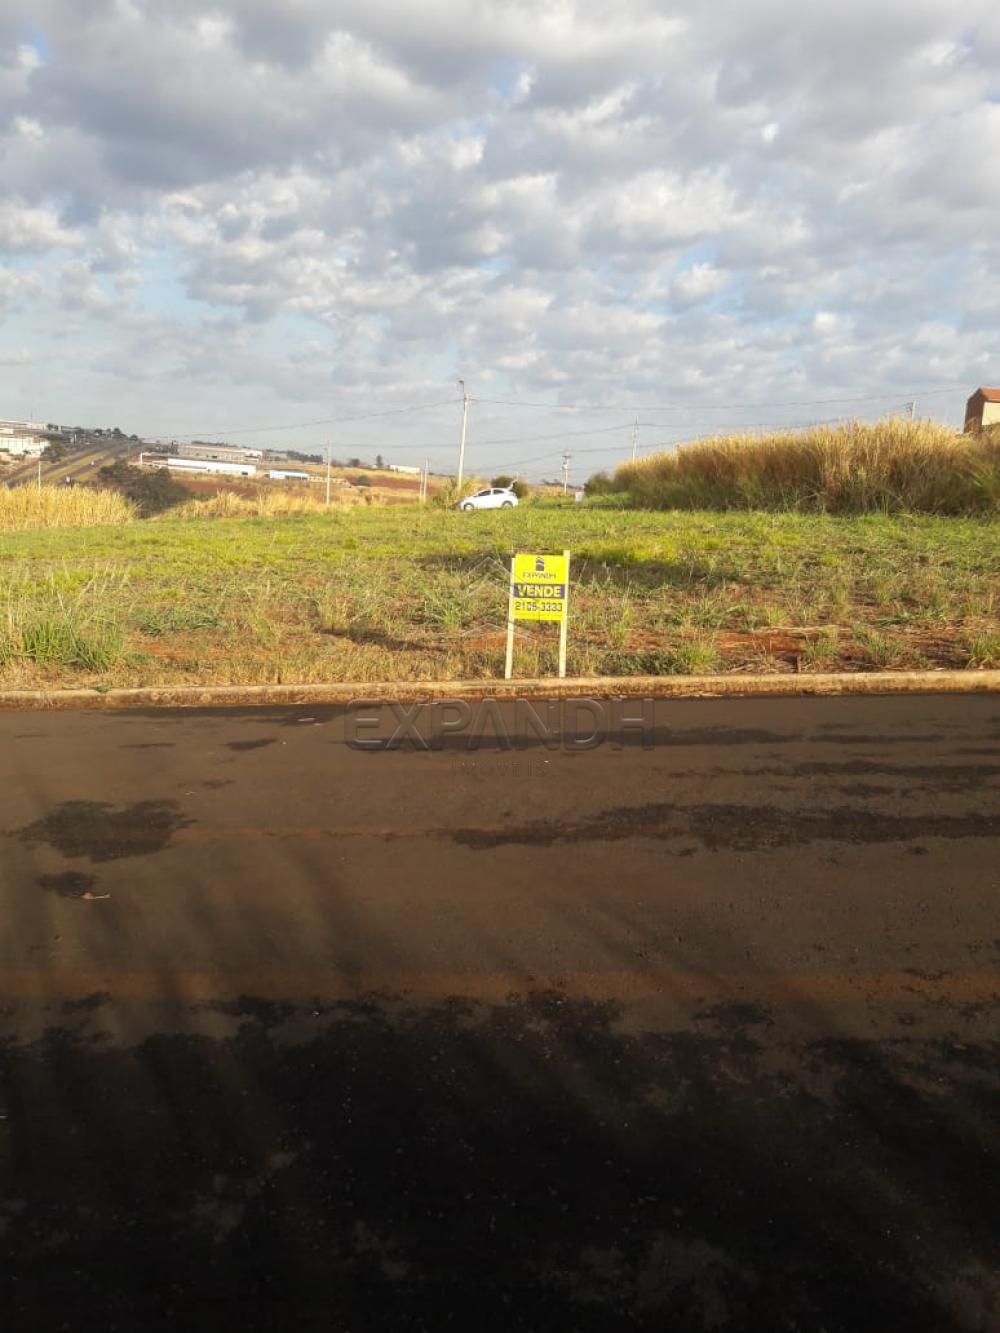 Comprar Terrenos / Padrão em Sertãozinho apenas R$ 80.000,00 - Foto 1